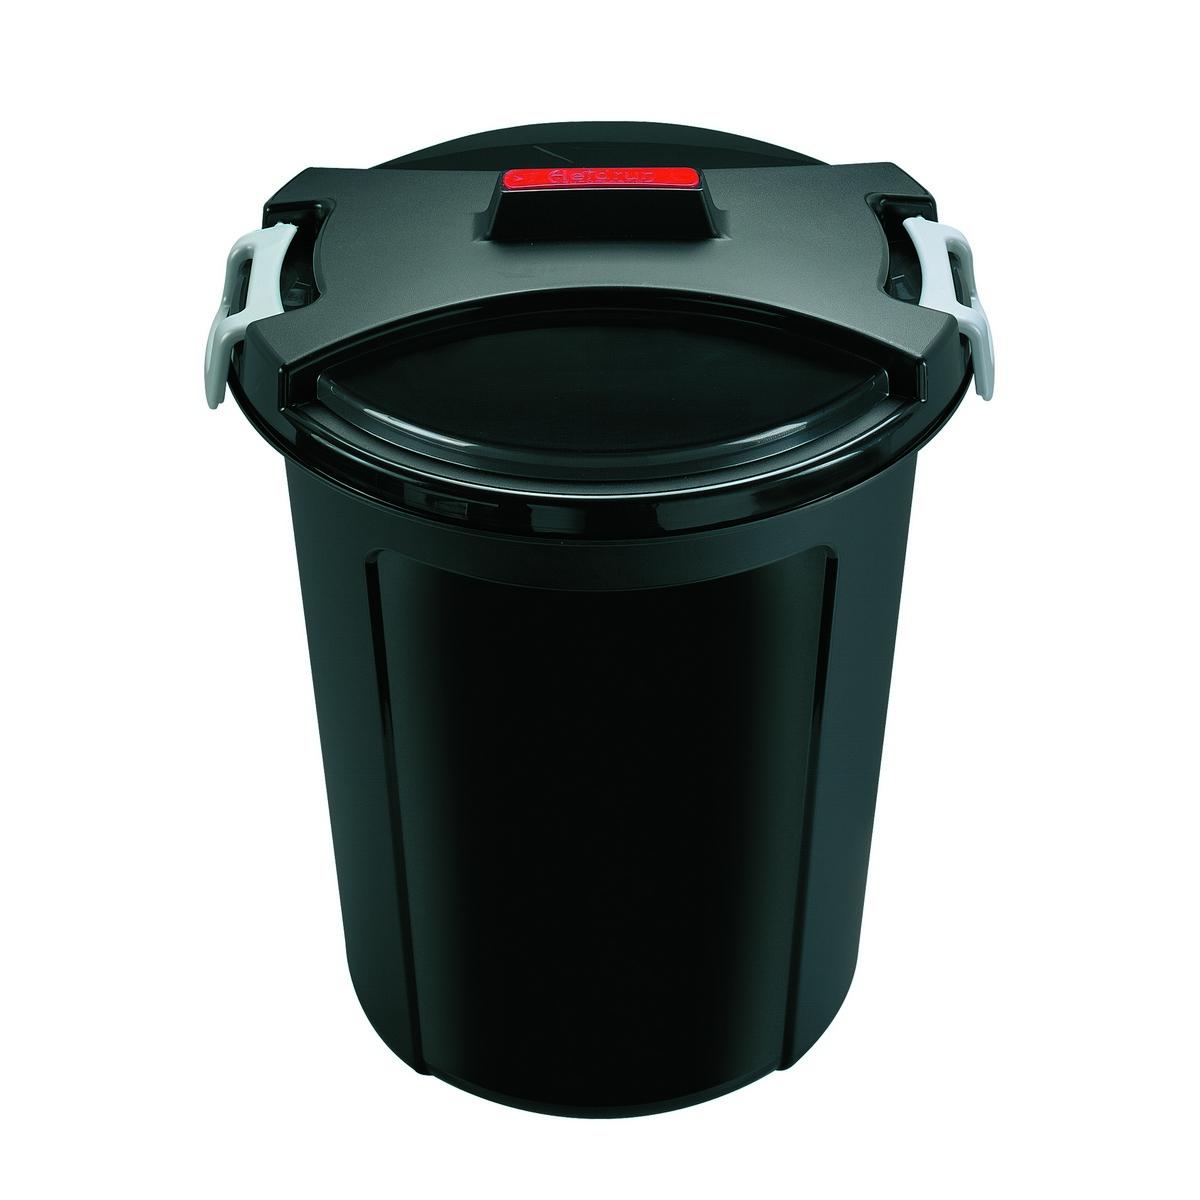 Coș de gunoi Heidrun 48 x 55 cm, 46 l imagine 2021 e4home.ro